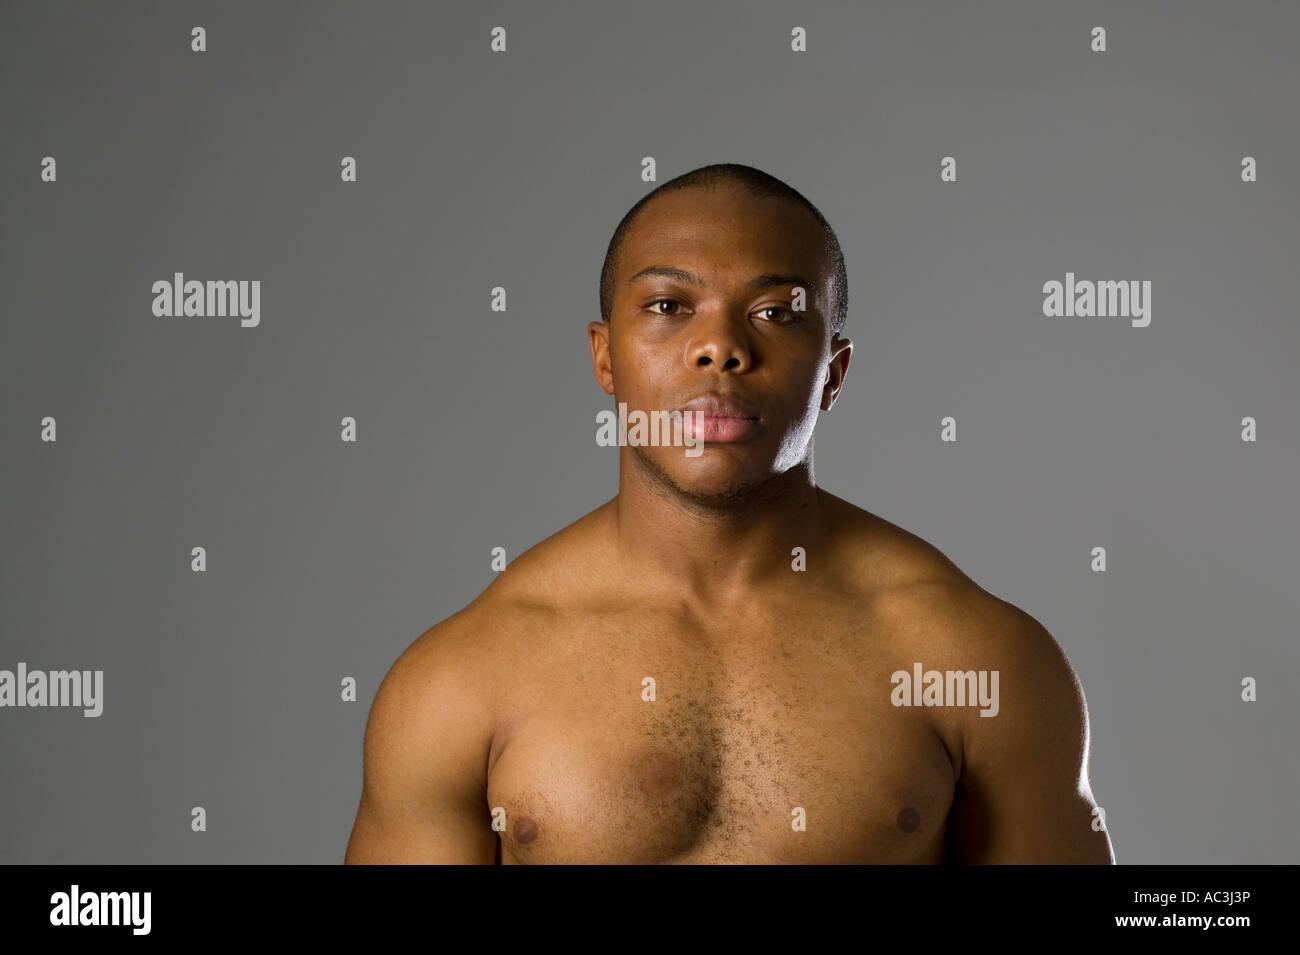 male-nude-black-american-alexia